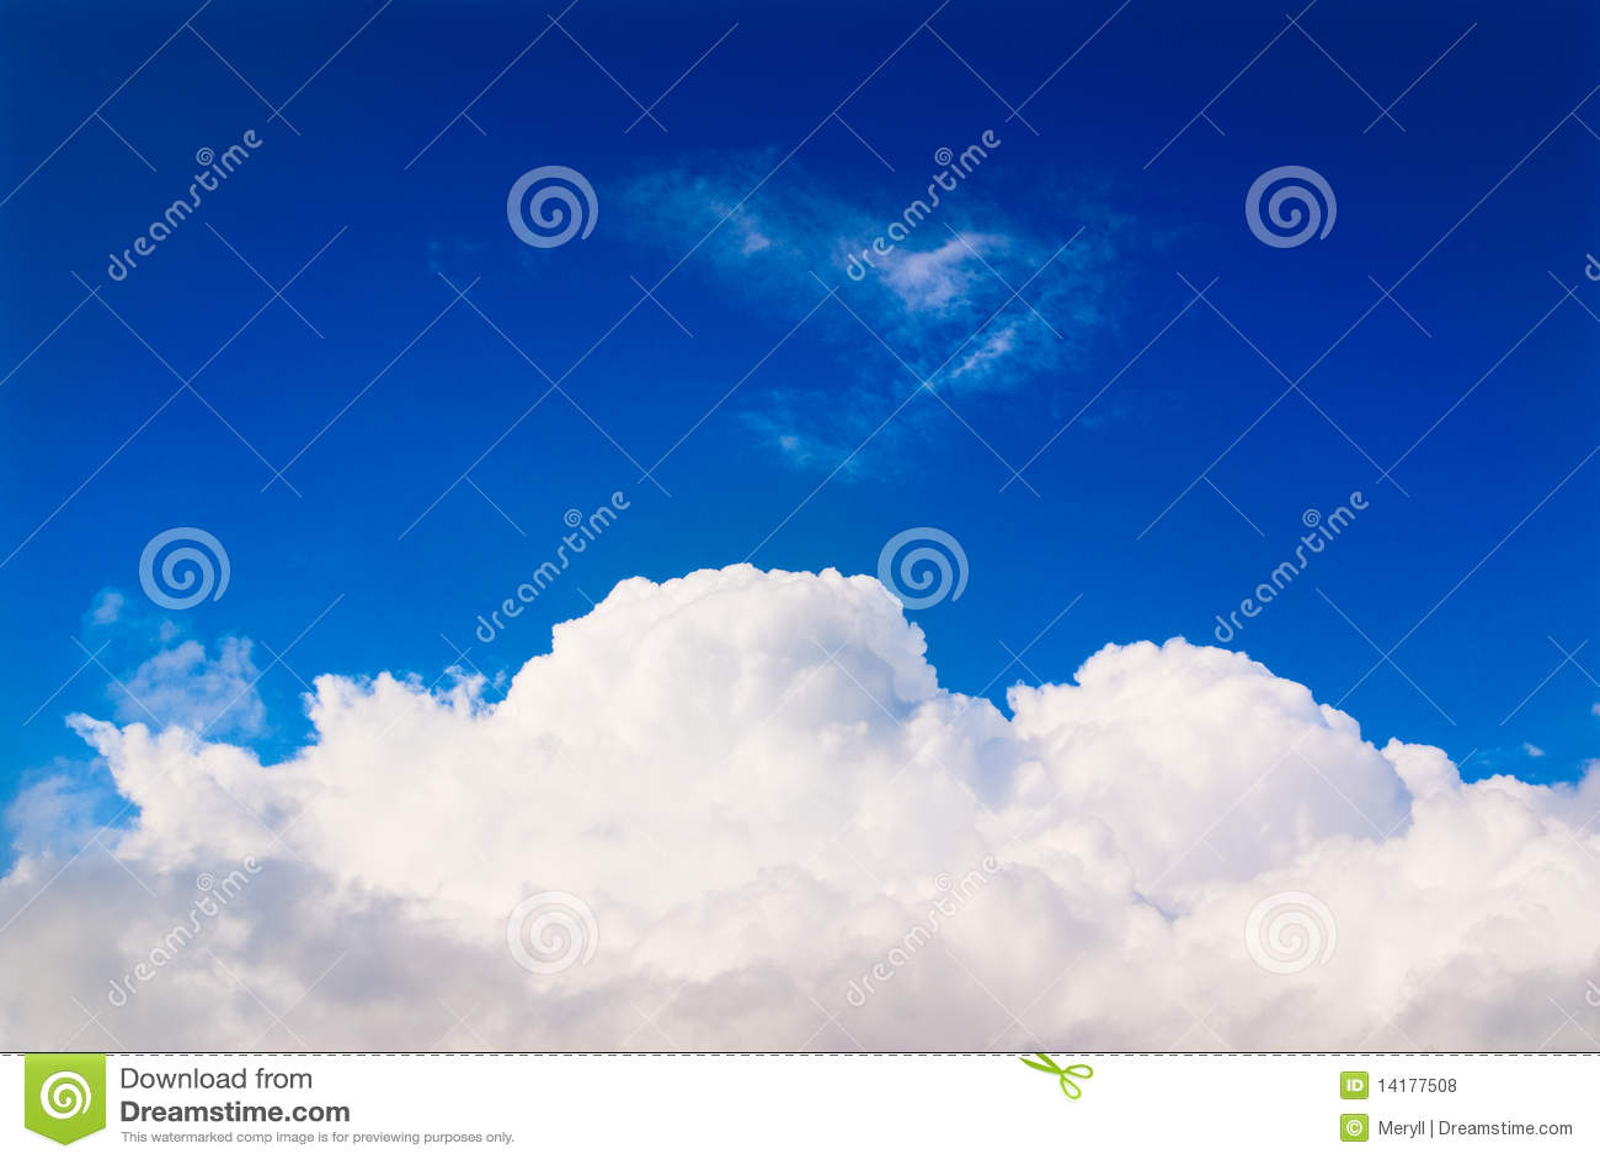 Nuvem branca no céu azul, céu